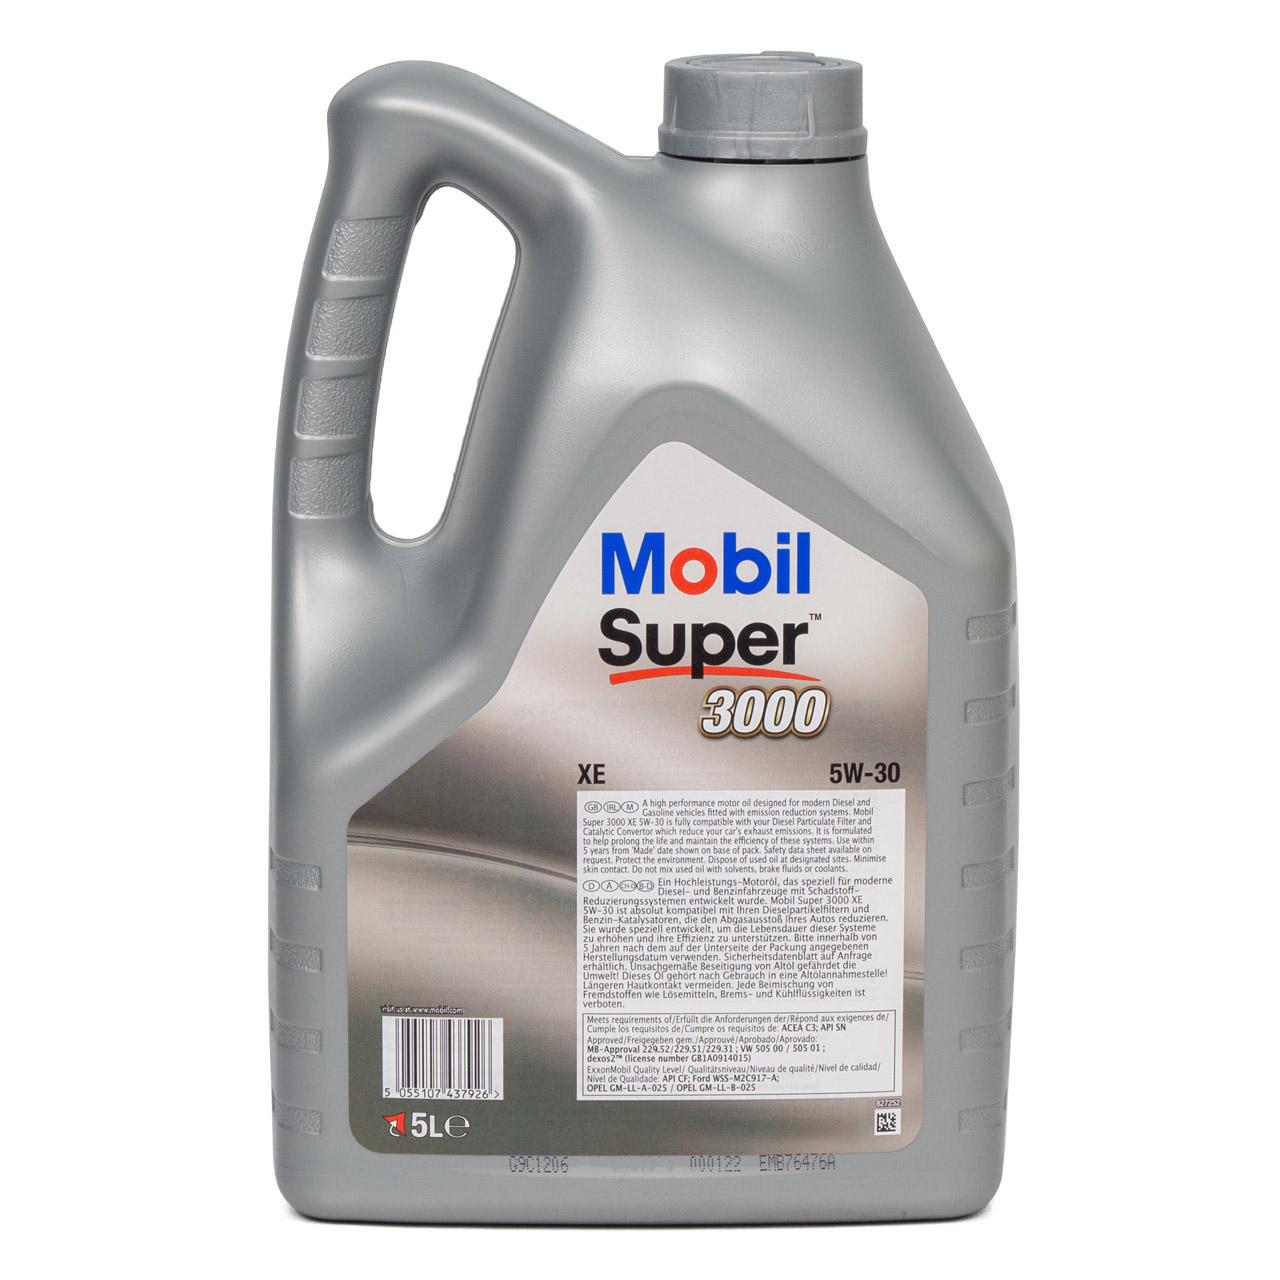 Mobil 3000 SUPER XE Motoröl Öl 5W-30 5W30 dexos2 VW 505.00/505.01 - 5L 5 Liter